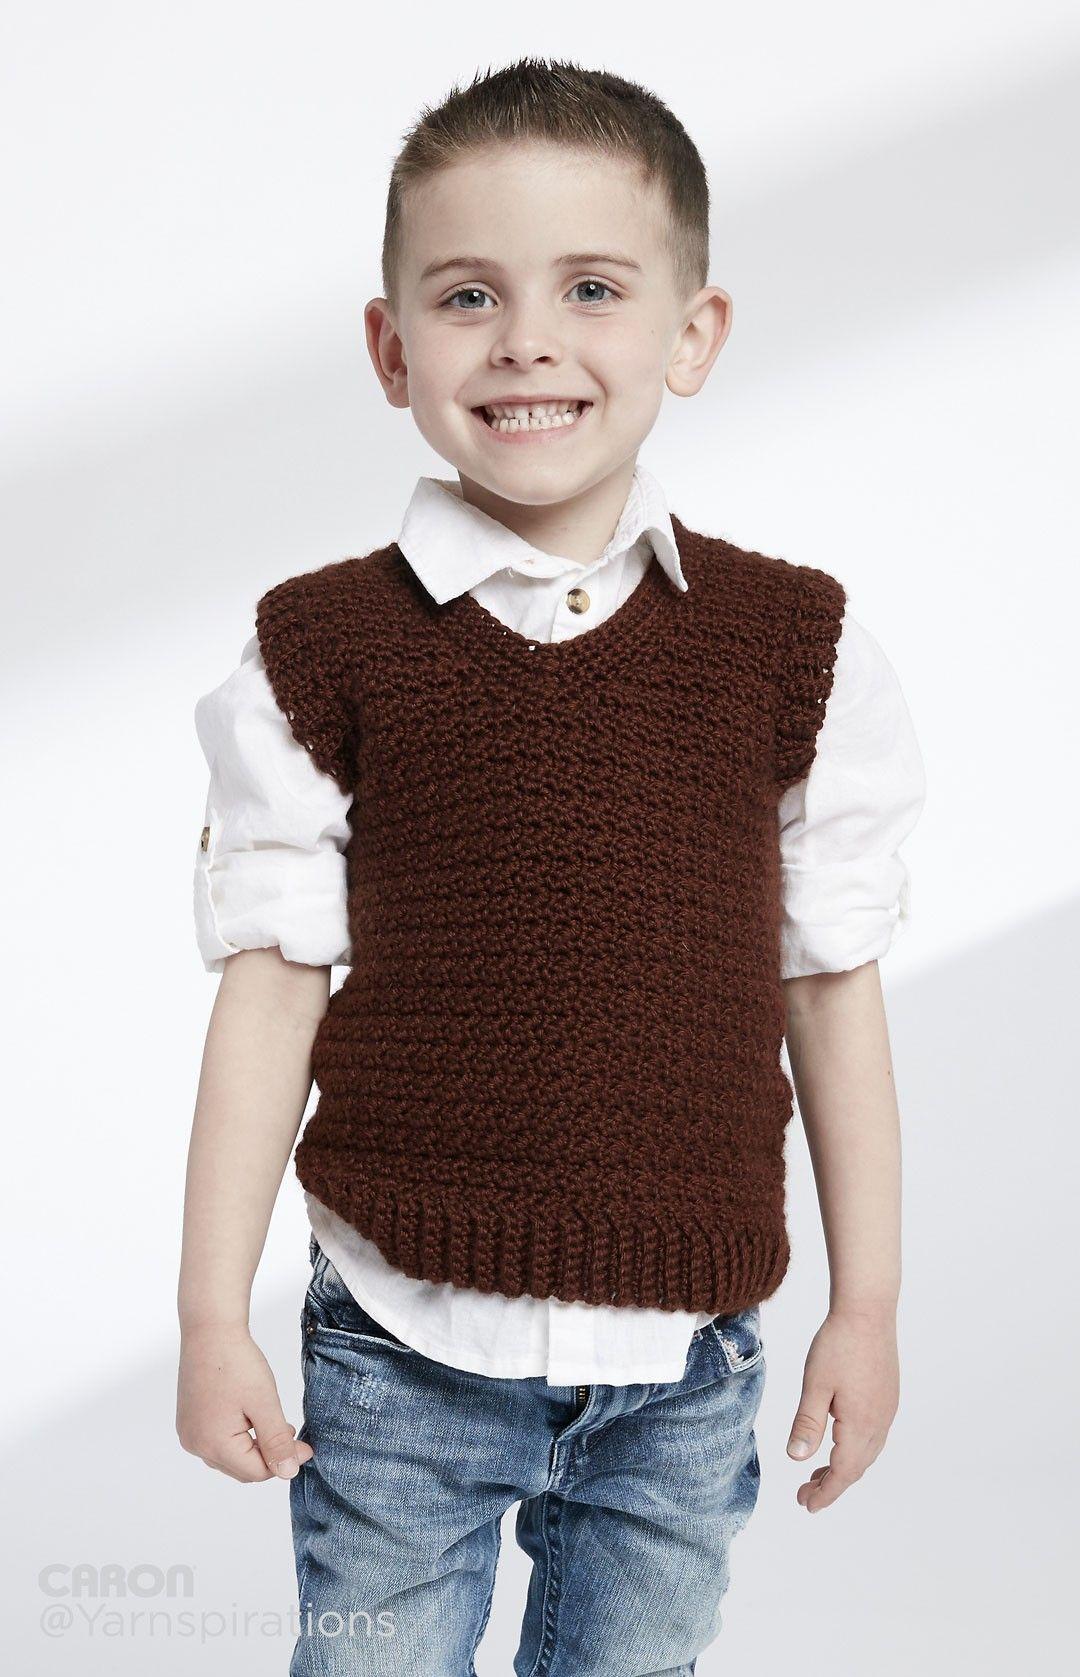 Childs crochet v neck vest patterns yarnspirations crochet childs crochet v neck vest patterns yarnspirations bankloansurffo Images